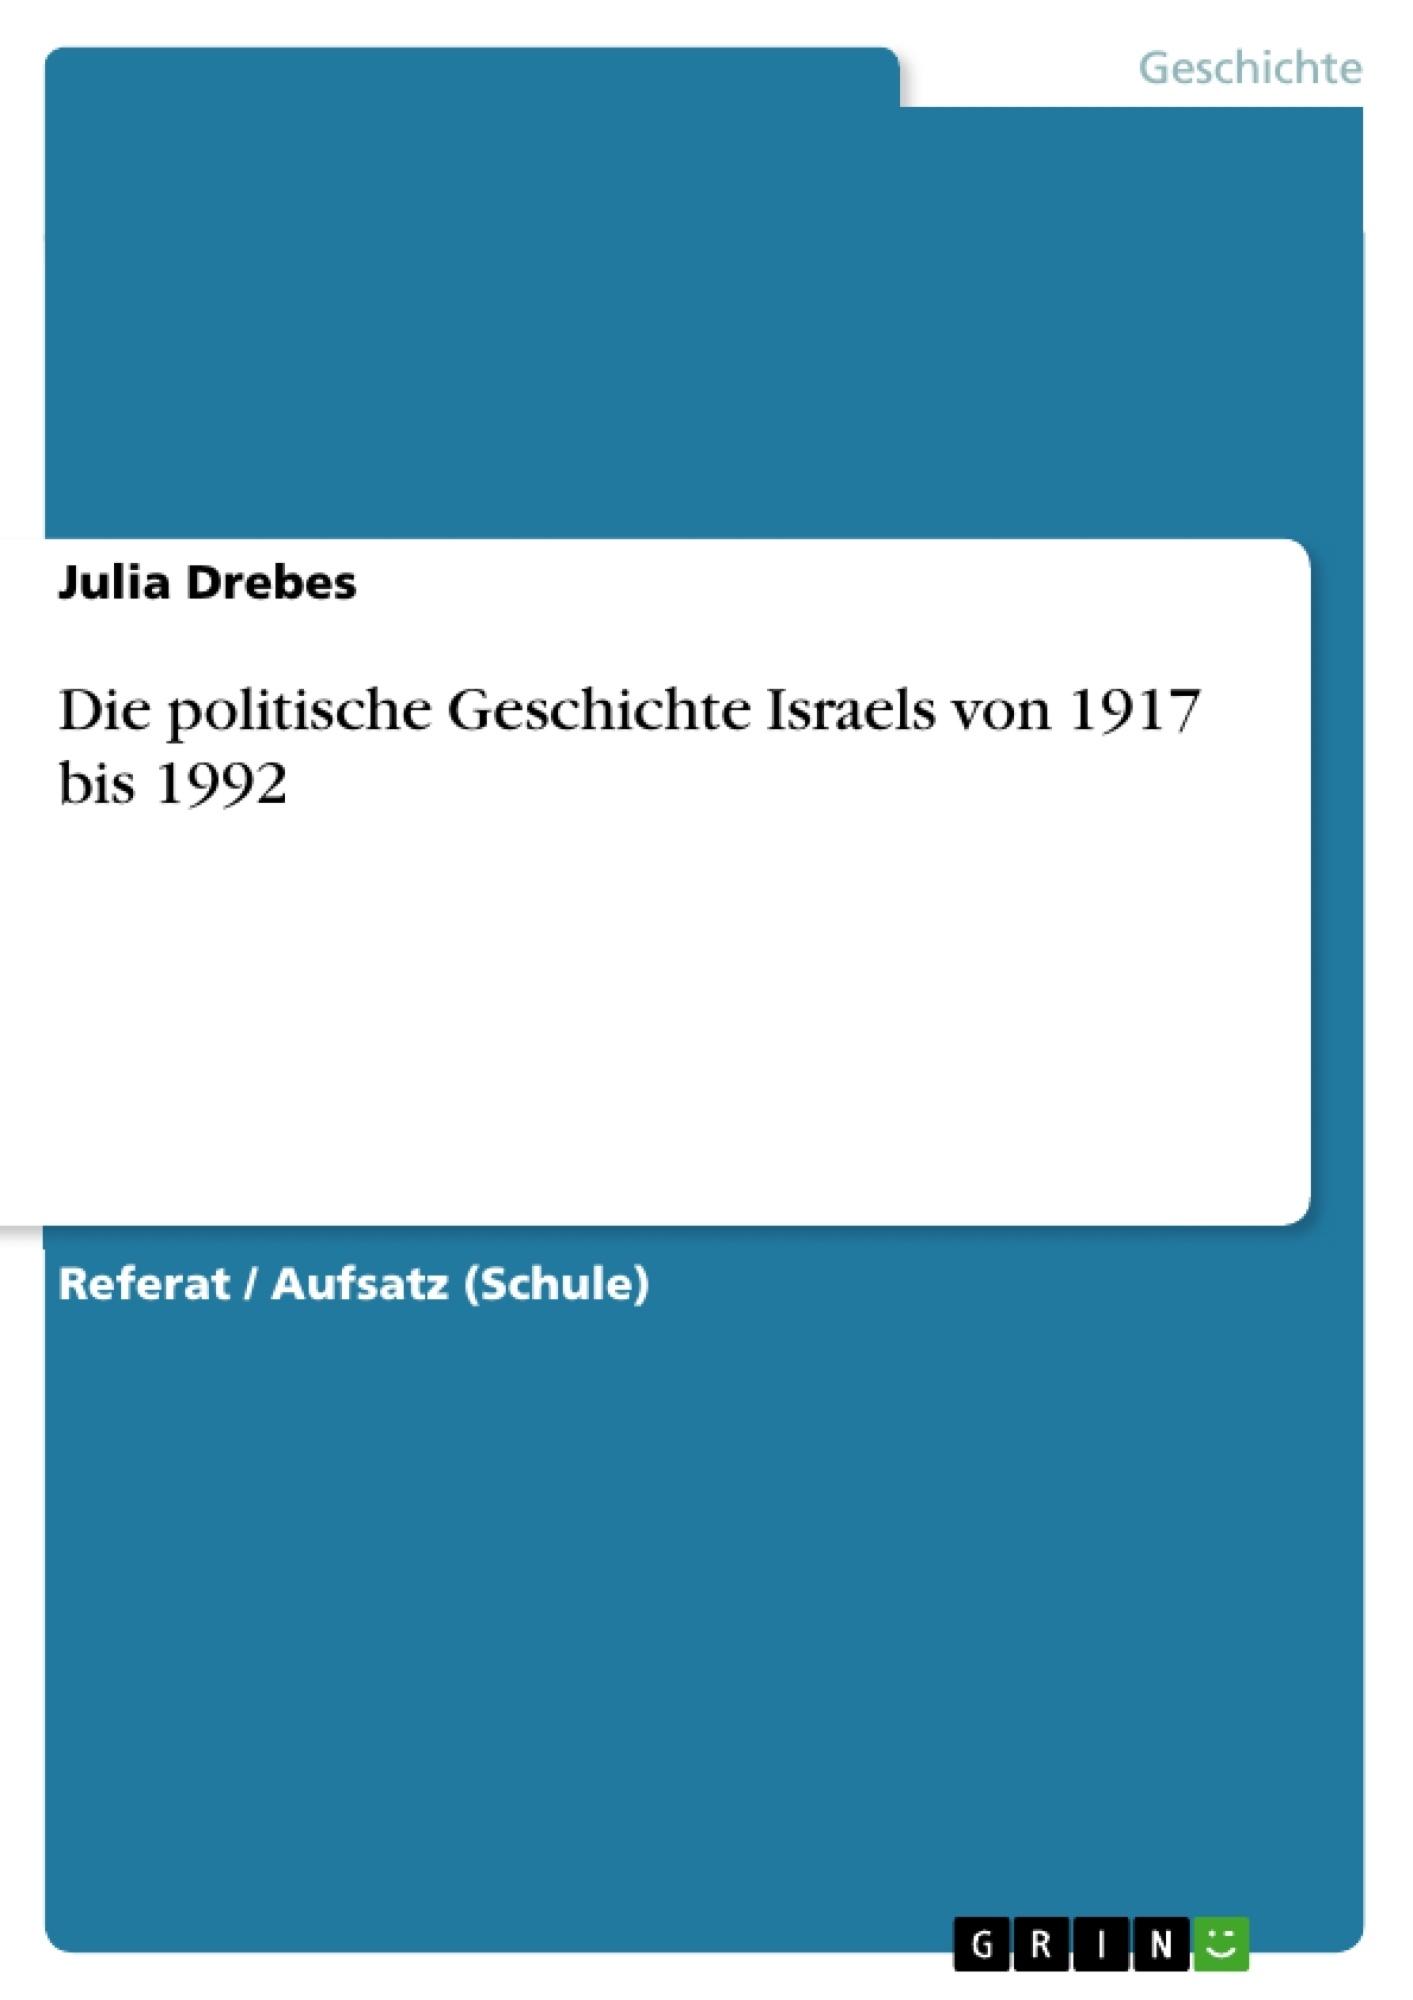 Titel: Die politische Geschichte Israels von 1917 bis 1992